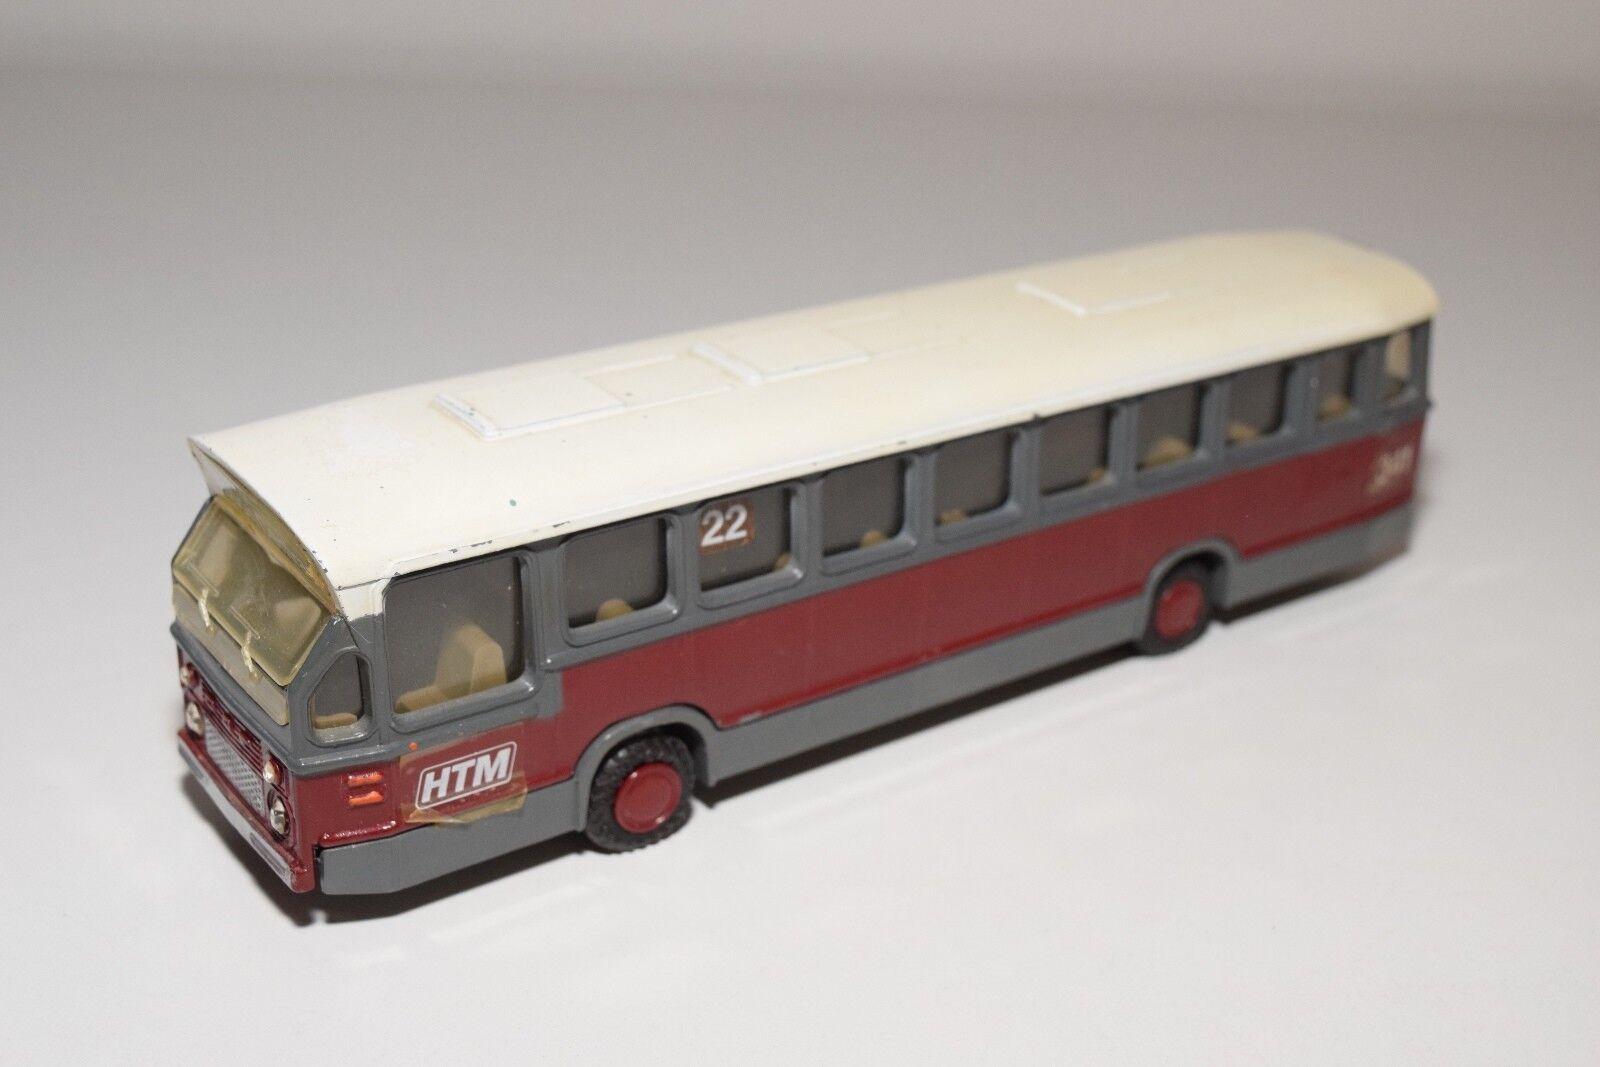 @.lion daf stadtbus bus http      maroon grau - weiß ausgezeichneten zustand